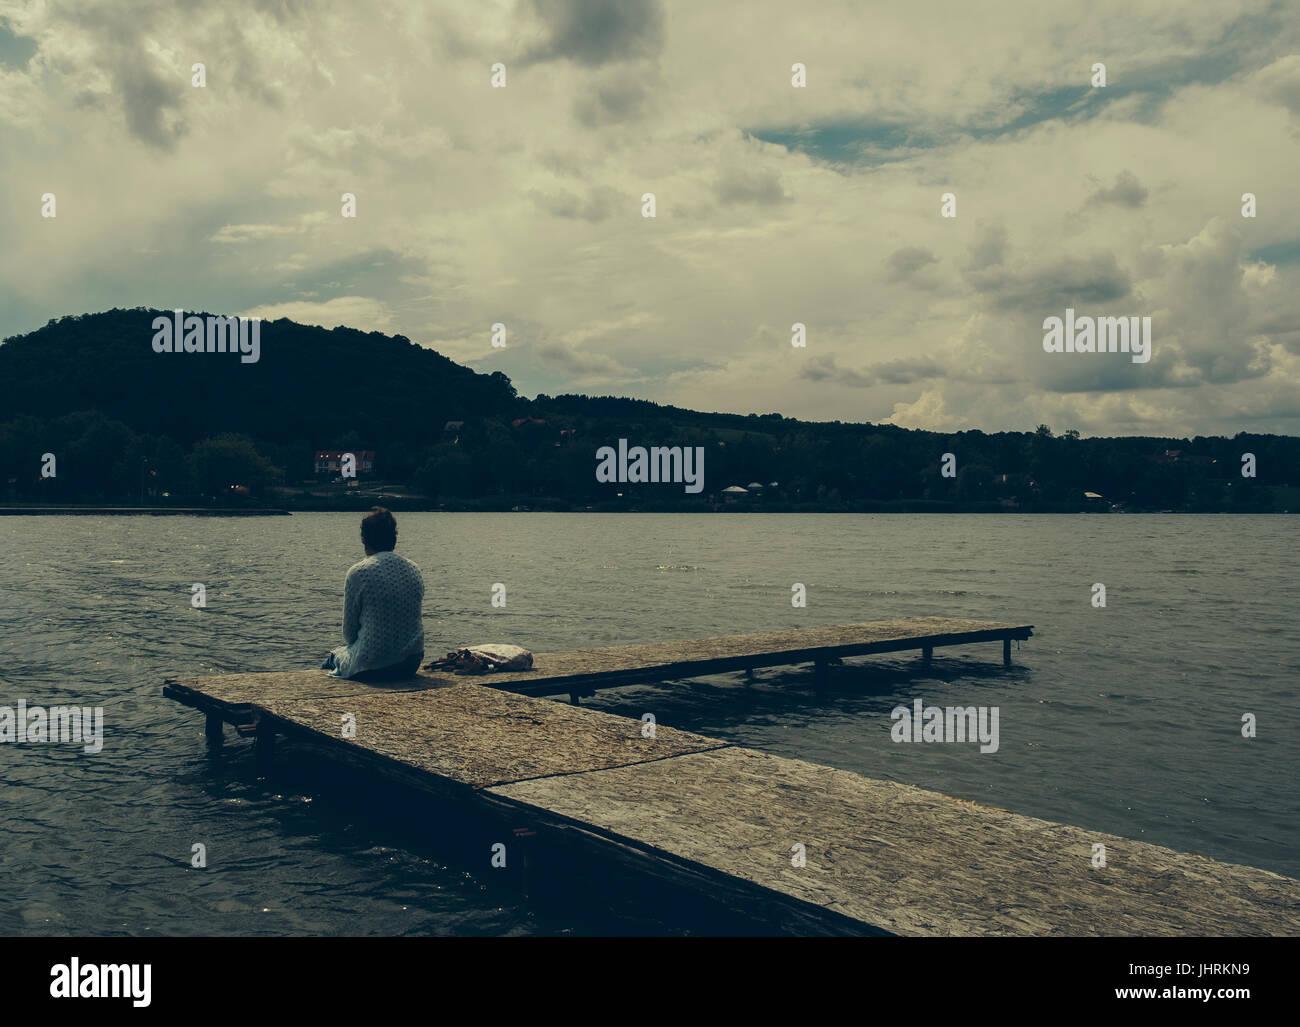 Sad woman at the lake - Stock Image